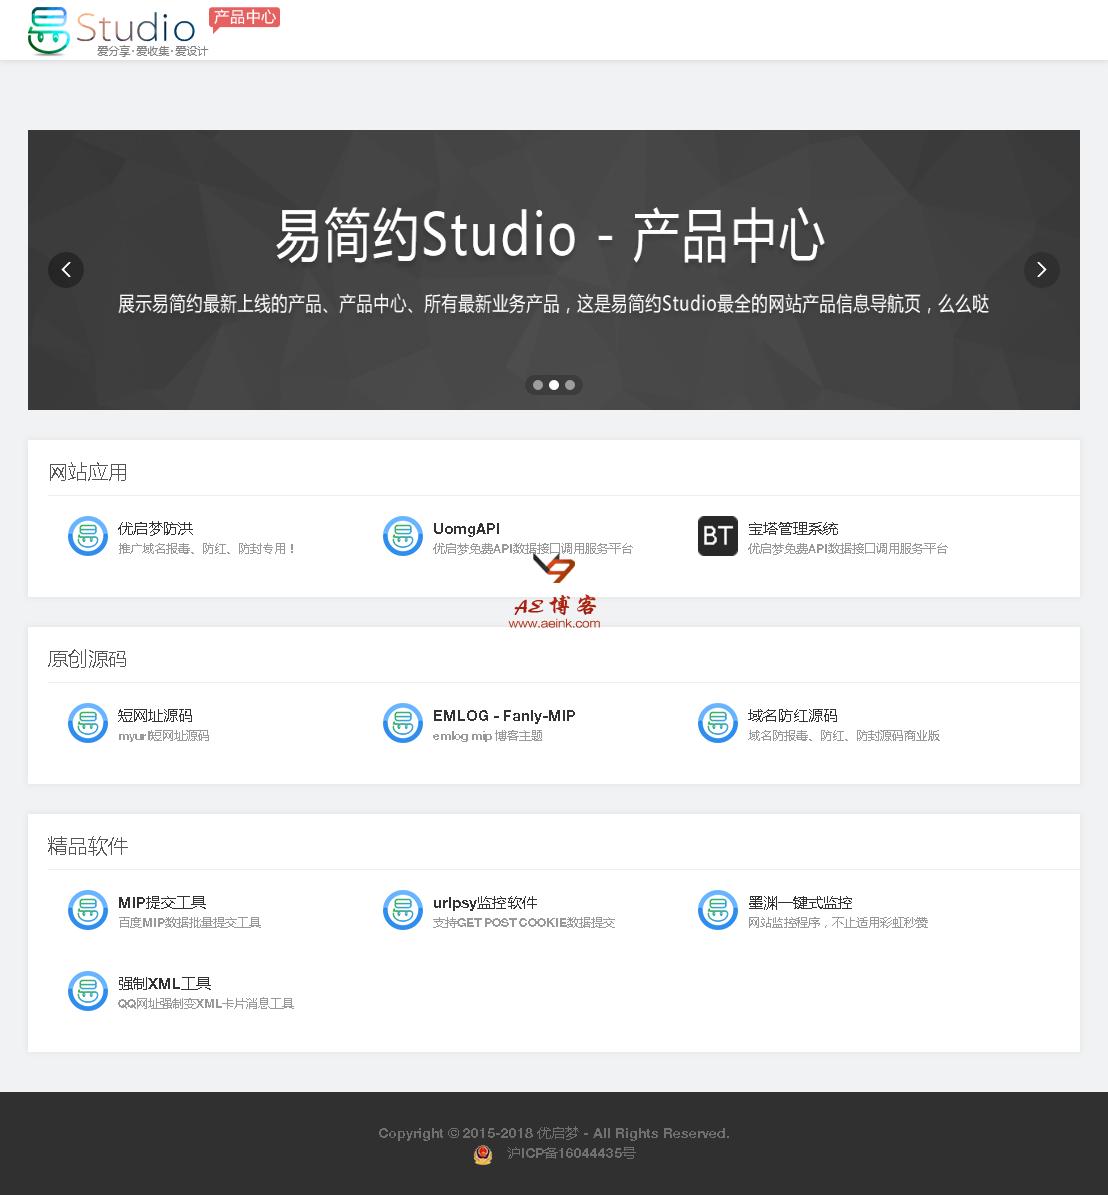 优启梦 - Uomg产品中心_彩神8—彩神8下载_AE墨渊.png